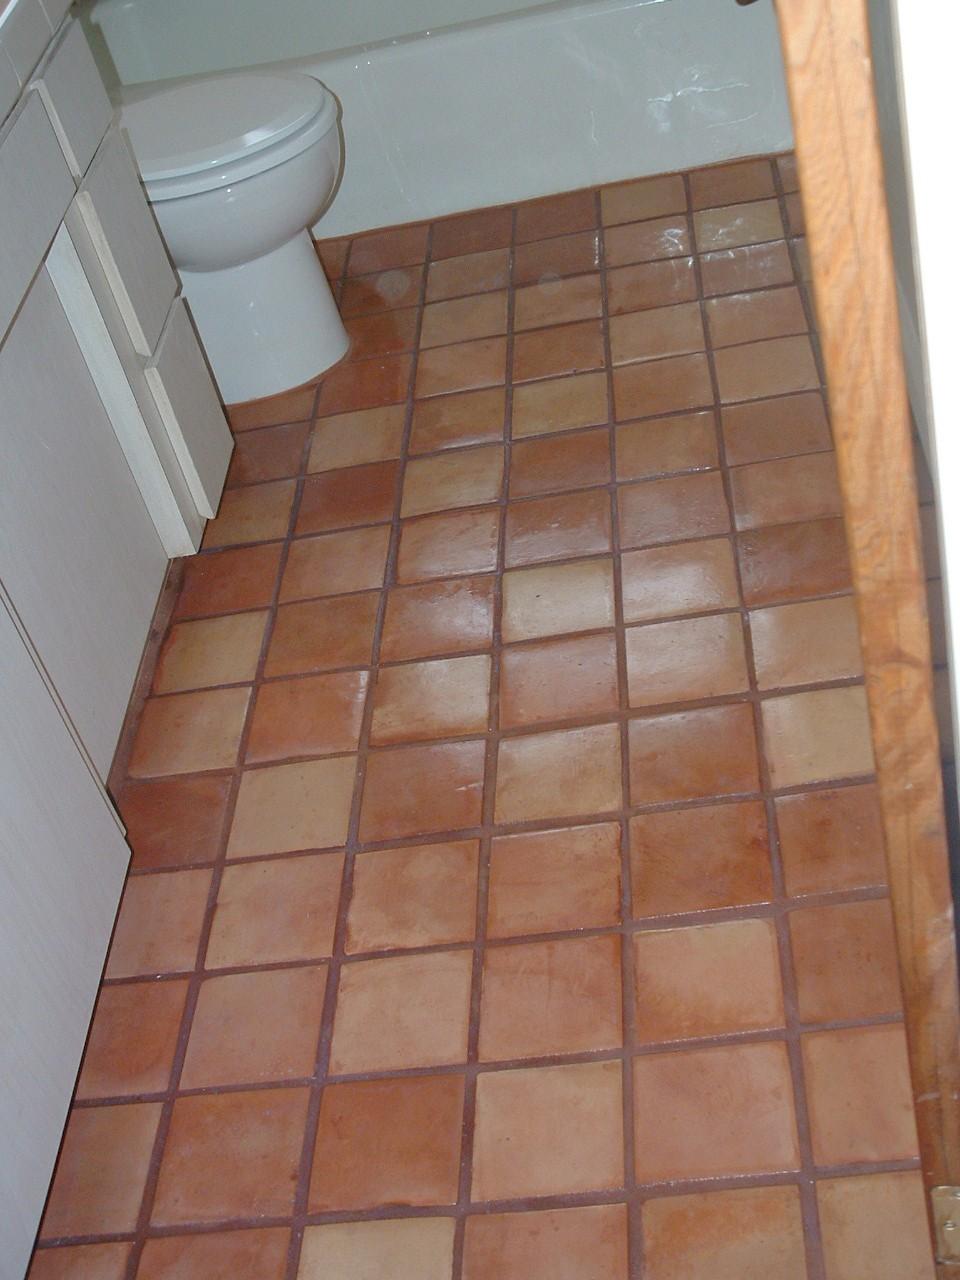 Pak Clay Tiles Bathroom Tiles Price in Pakistan Clay Floor Tiles Design Images